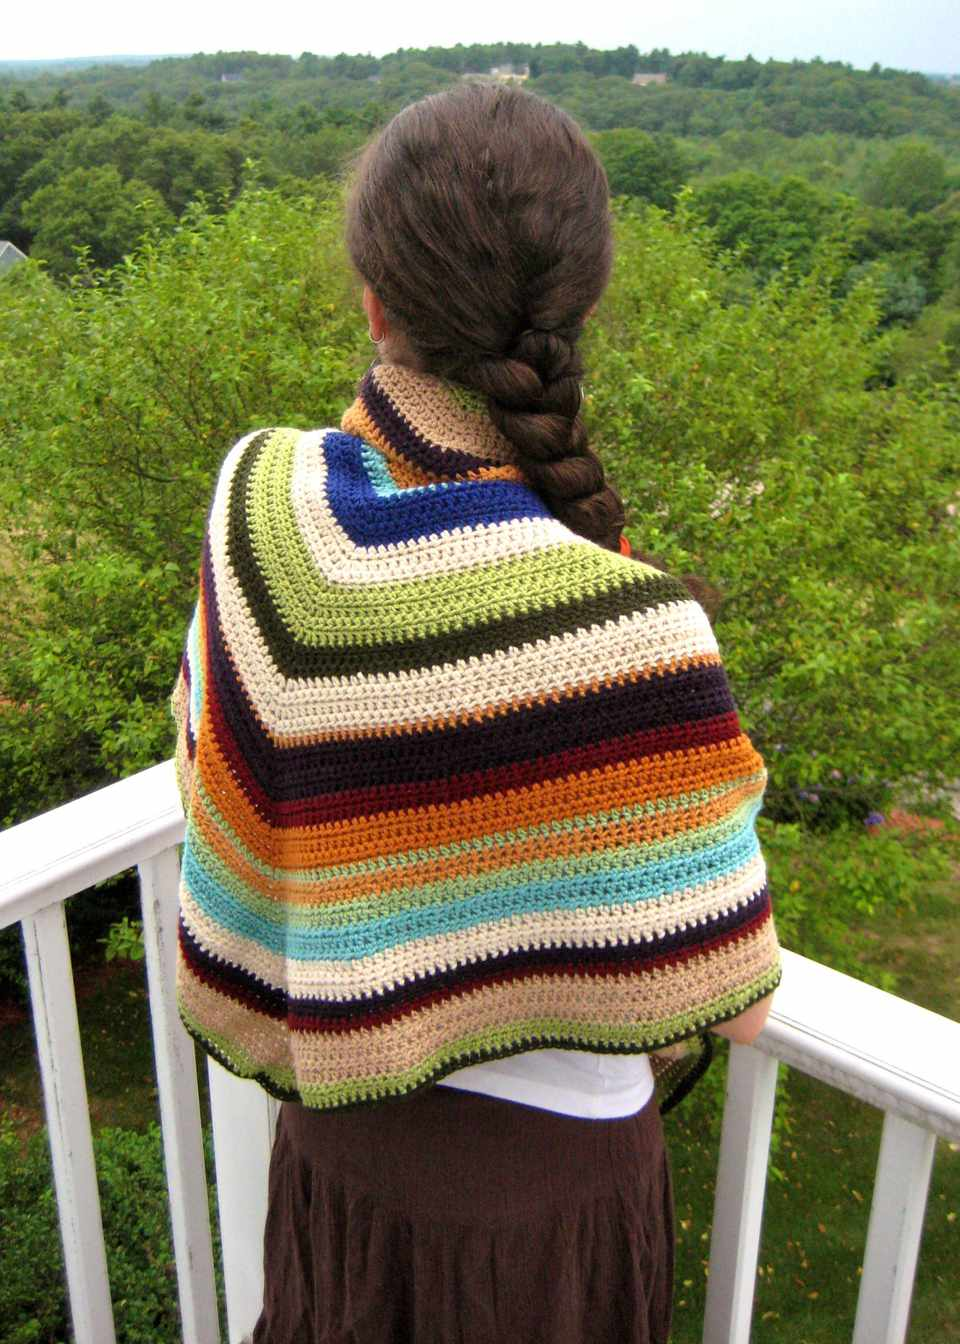 Shawl Crocheted Using Scrap Yarn